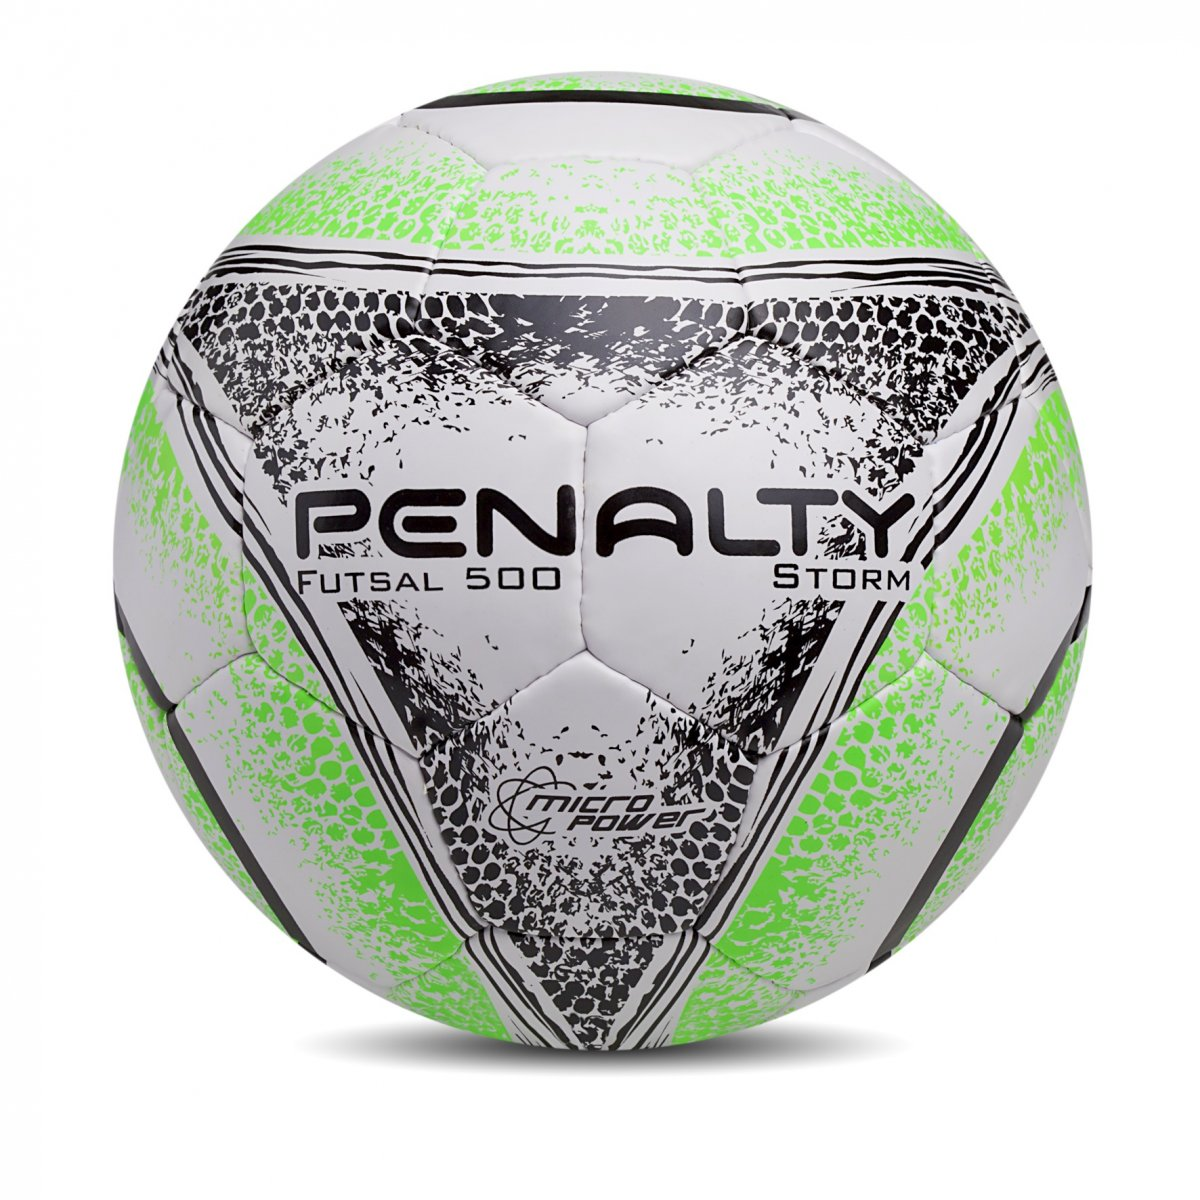 Bola de futsal penalty storm viii treino e corrida jpg 1200x1200 Bola  imagens de futebol salao 4df54dc3c2930